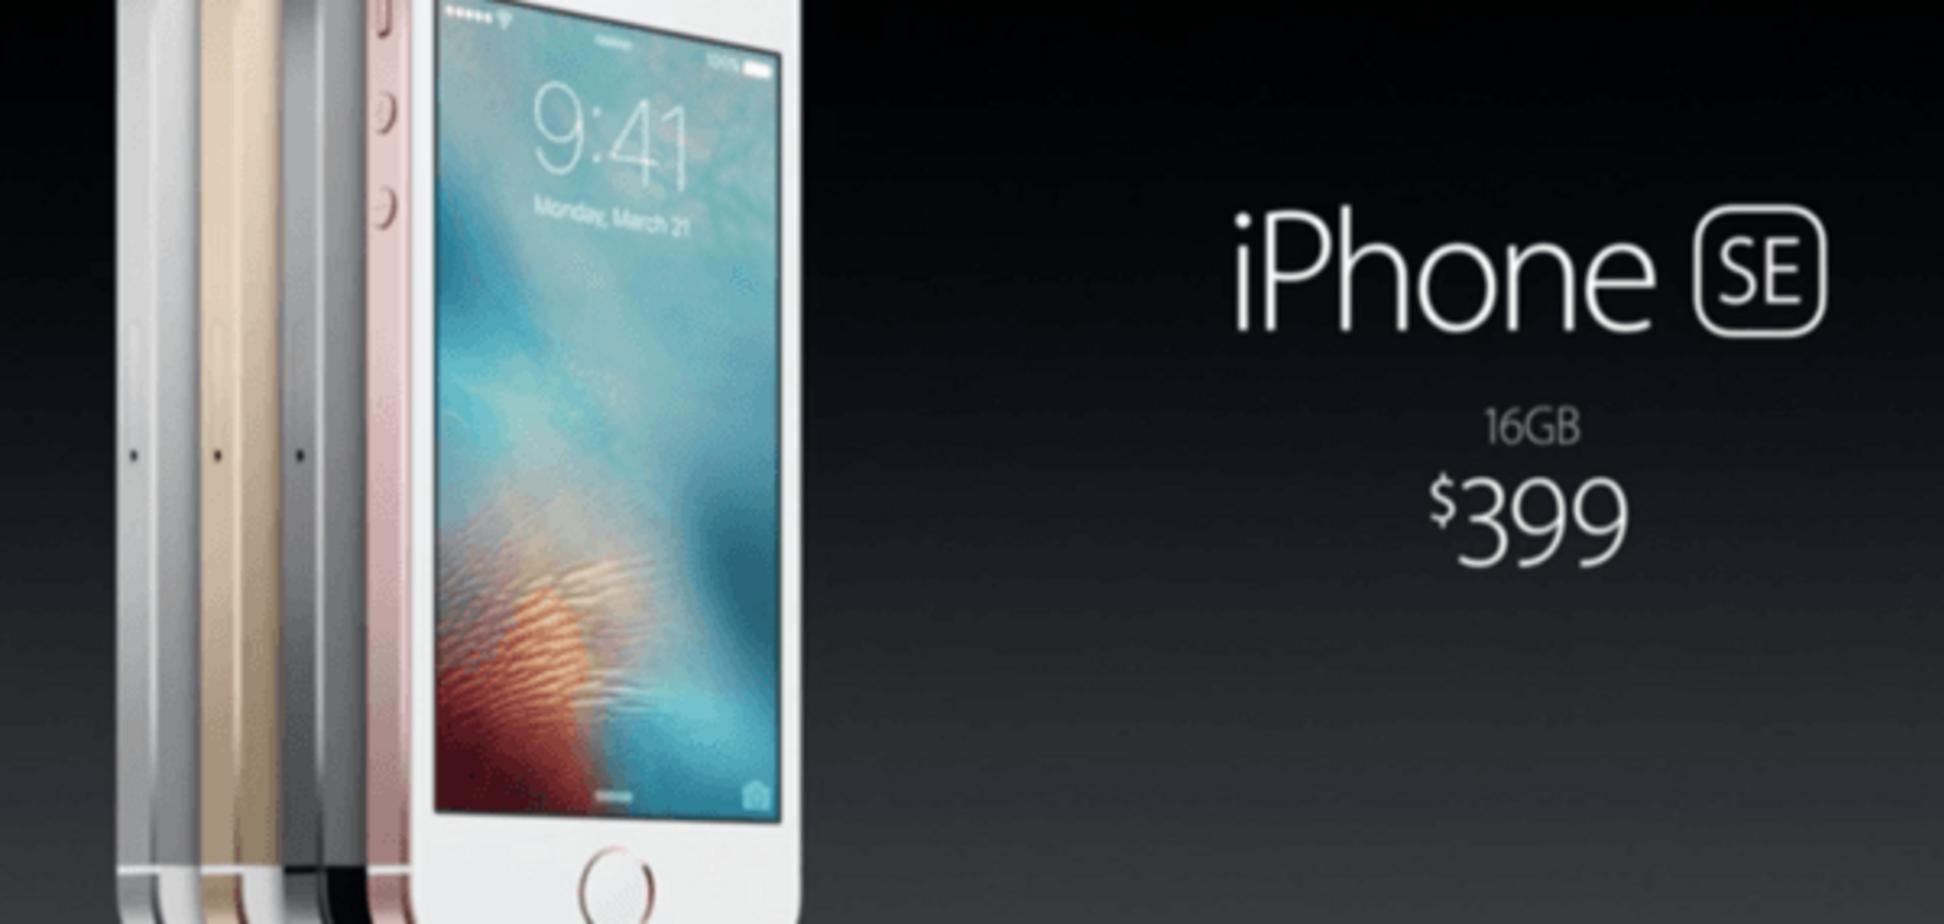 Apple презентувала новий iPhone SE: відеофакт